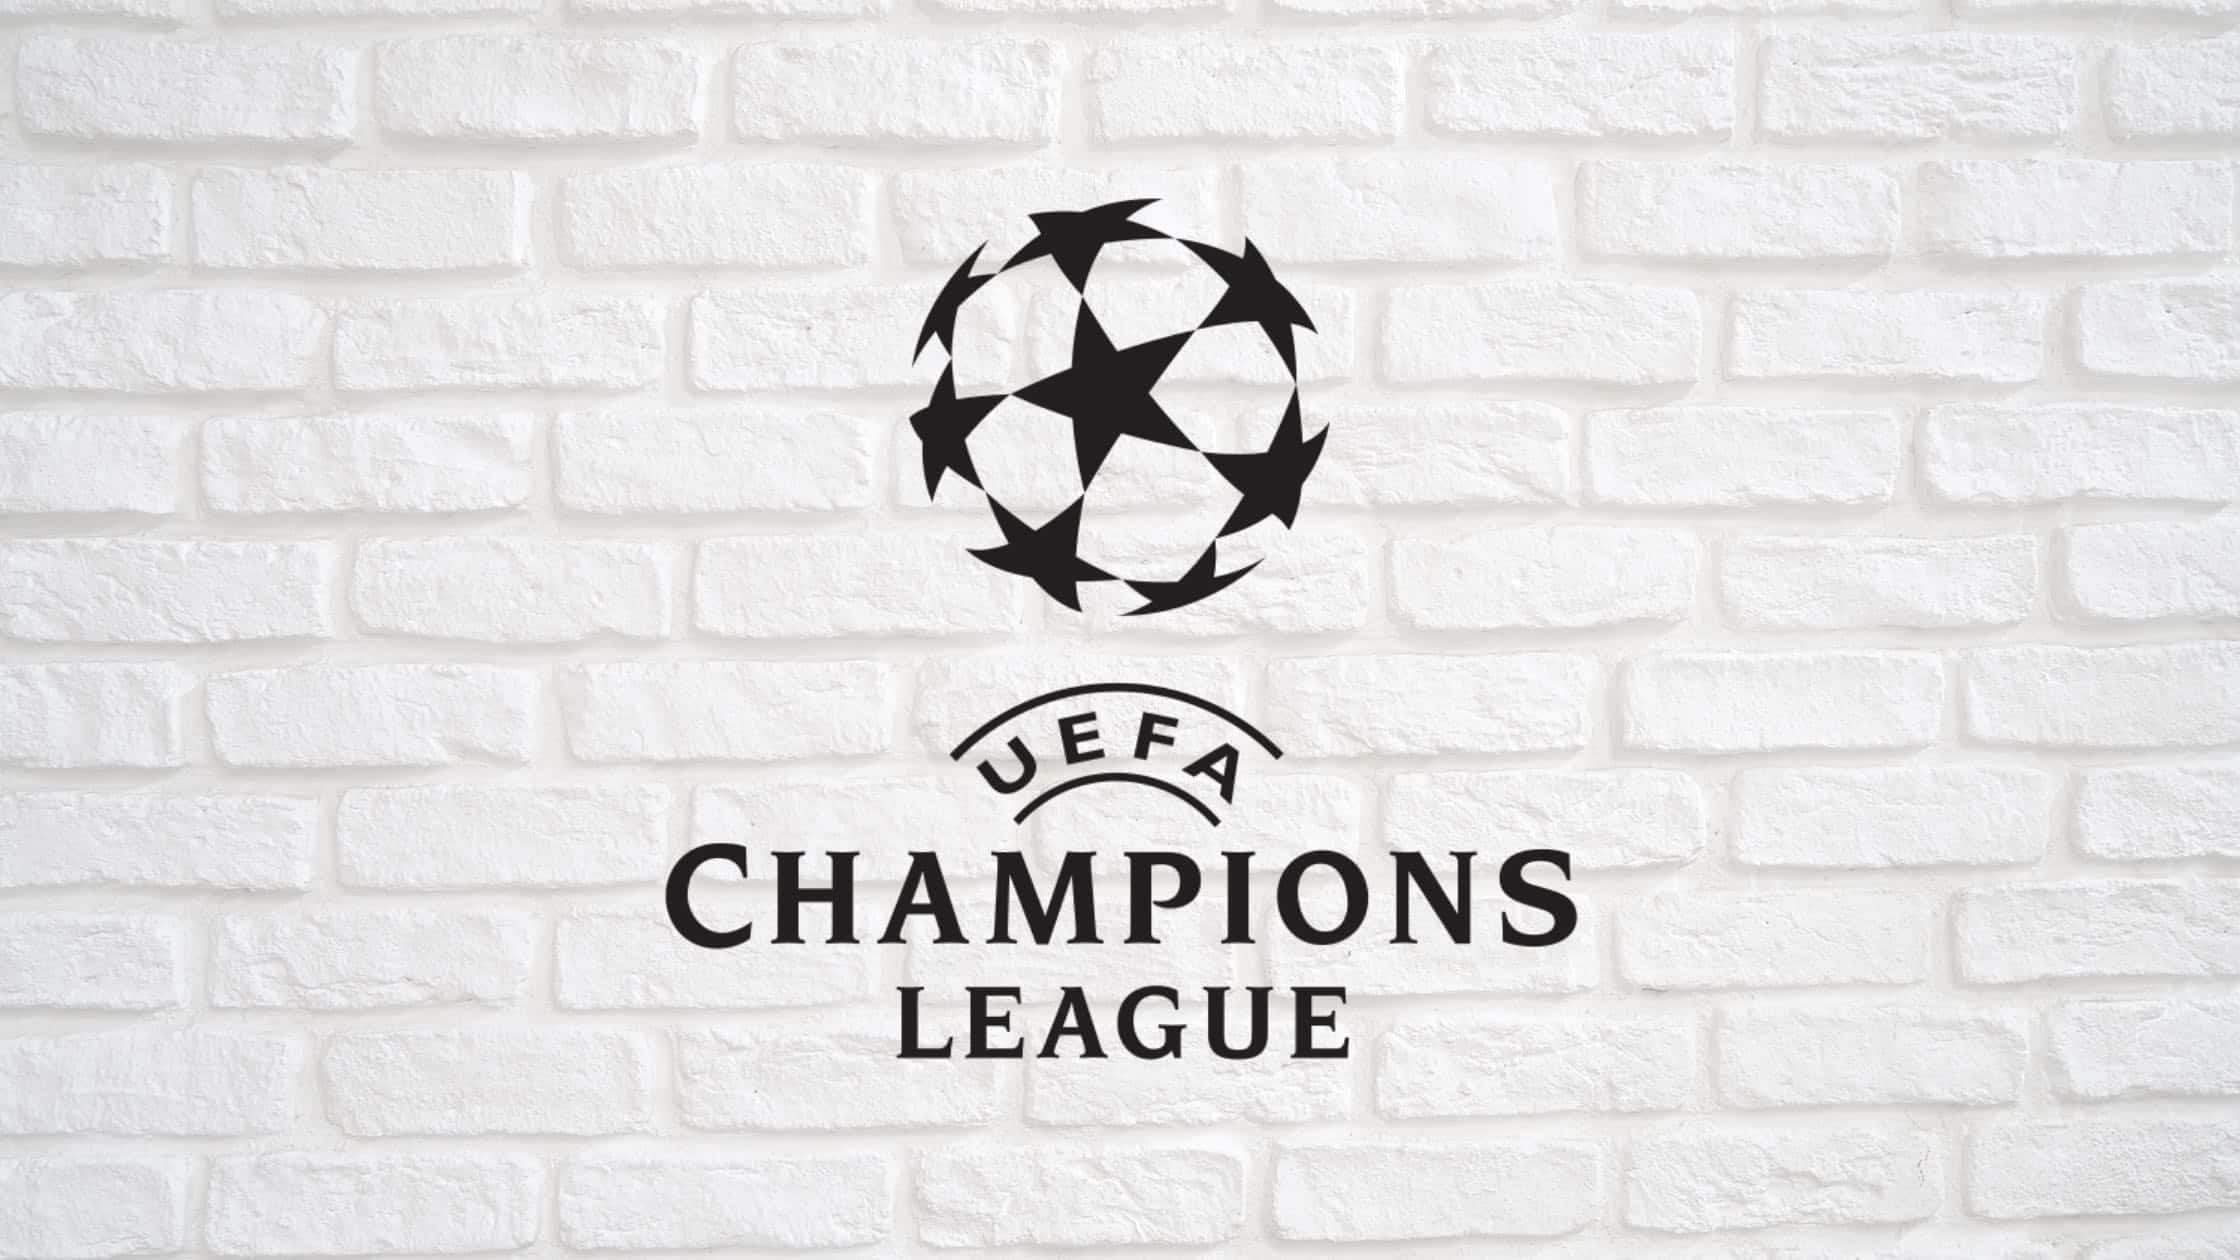 Champions League Konferenz Stream / CL Konferenz Stream: alle Informationen zur TV-Übertragung der Champions League.